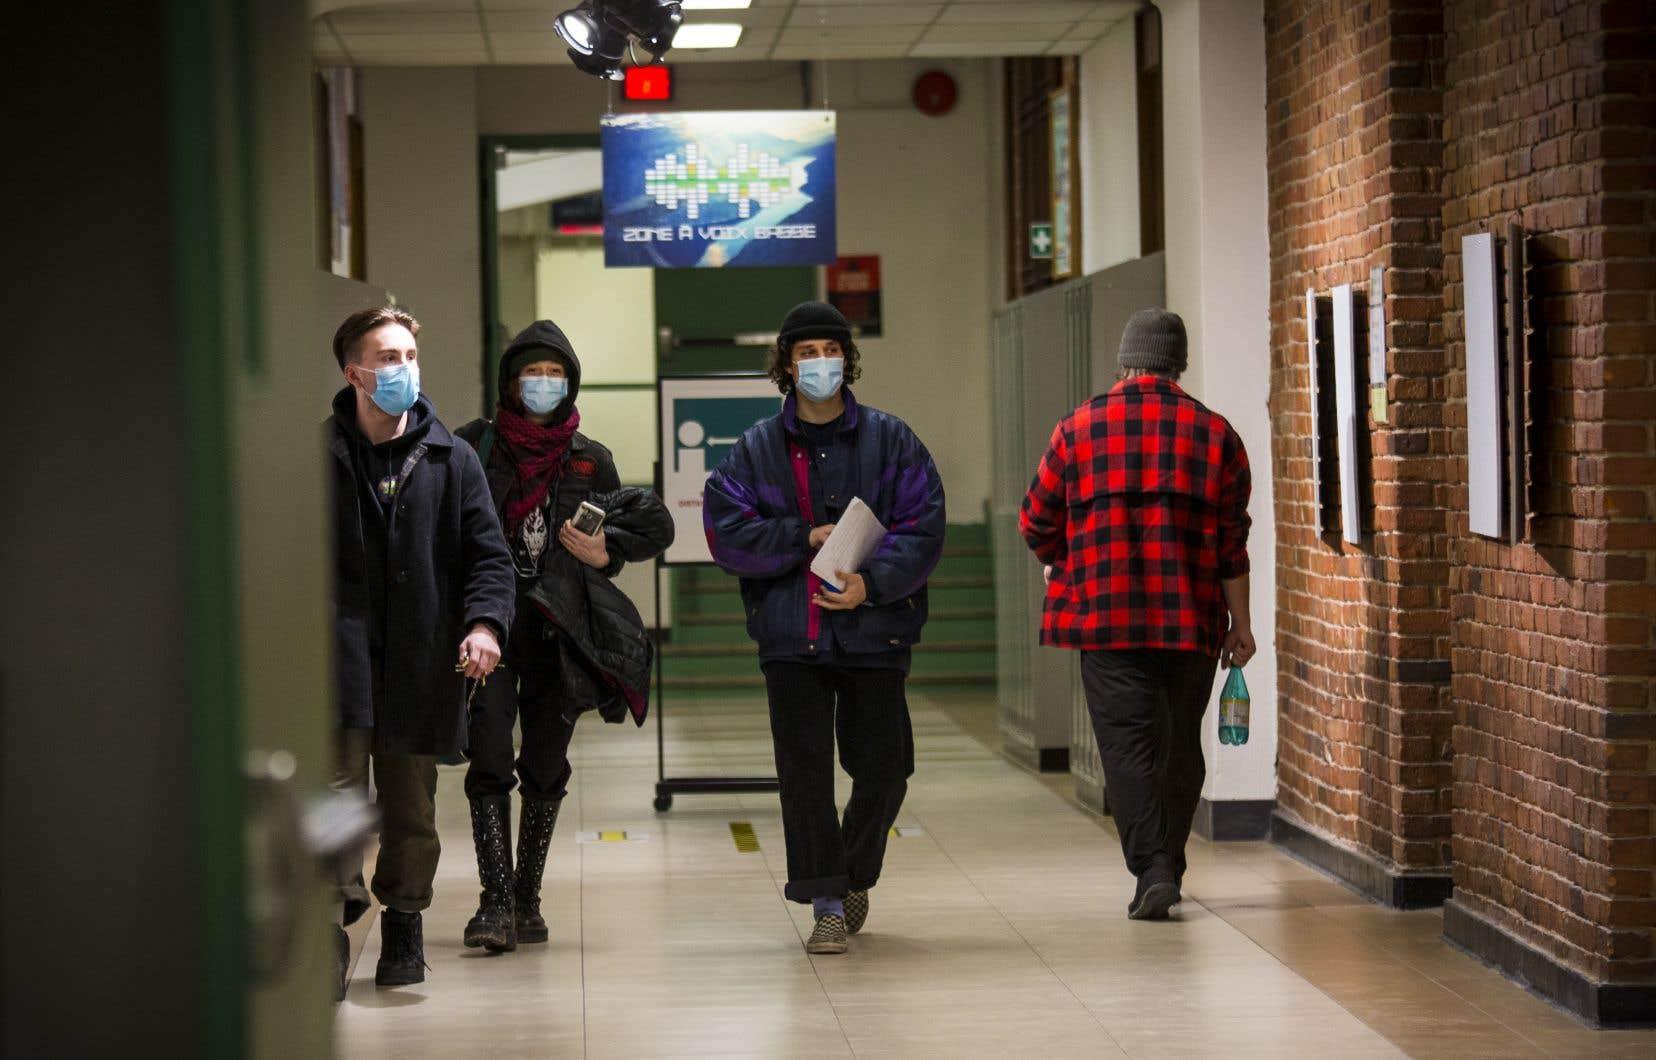 Limiter l'accès aux études collégiales en anglais inciterait les jeunes québécois à quitter le Québec, selon la Fédération des cégeps.